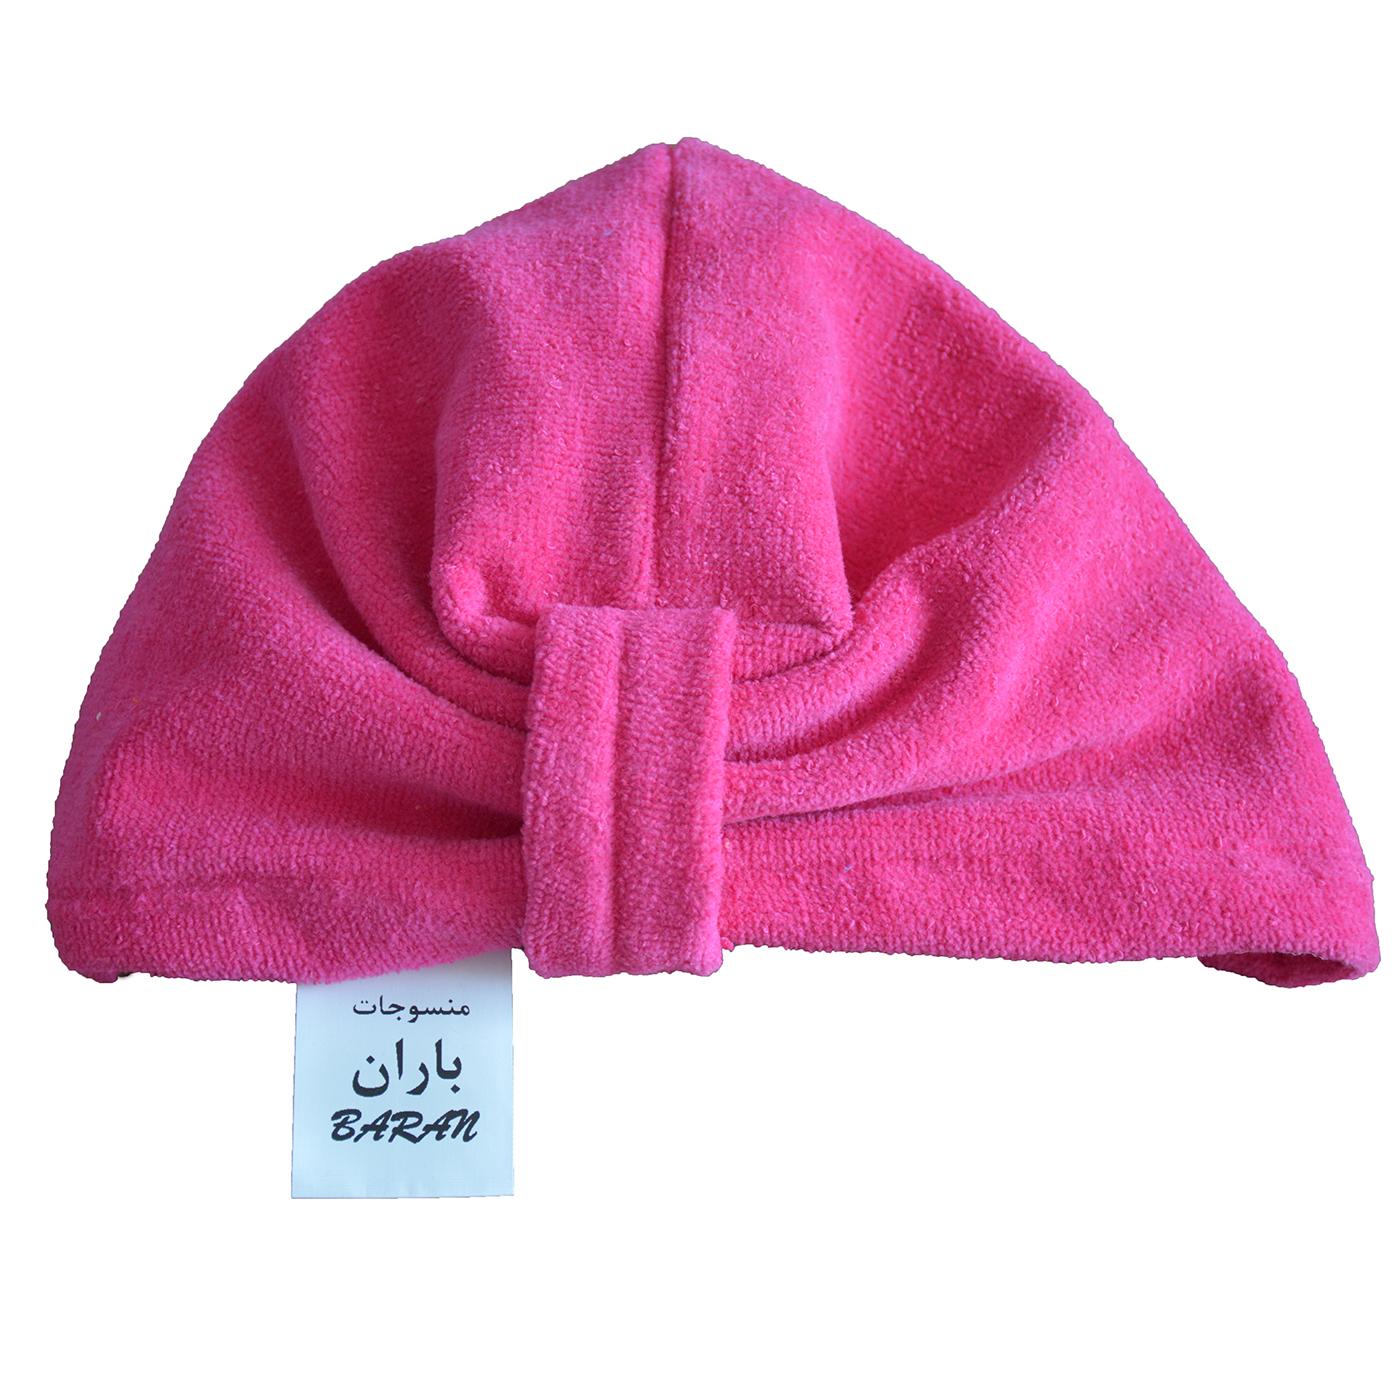 کلاه حمام کودک منسوجات باران کد 11